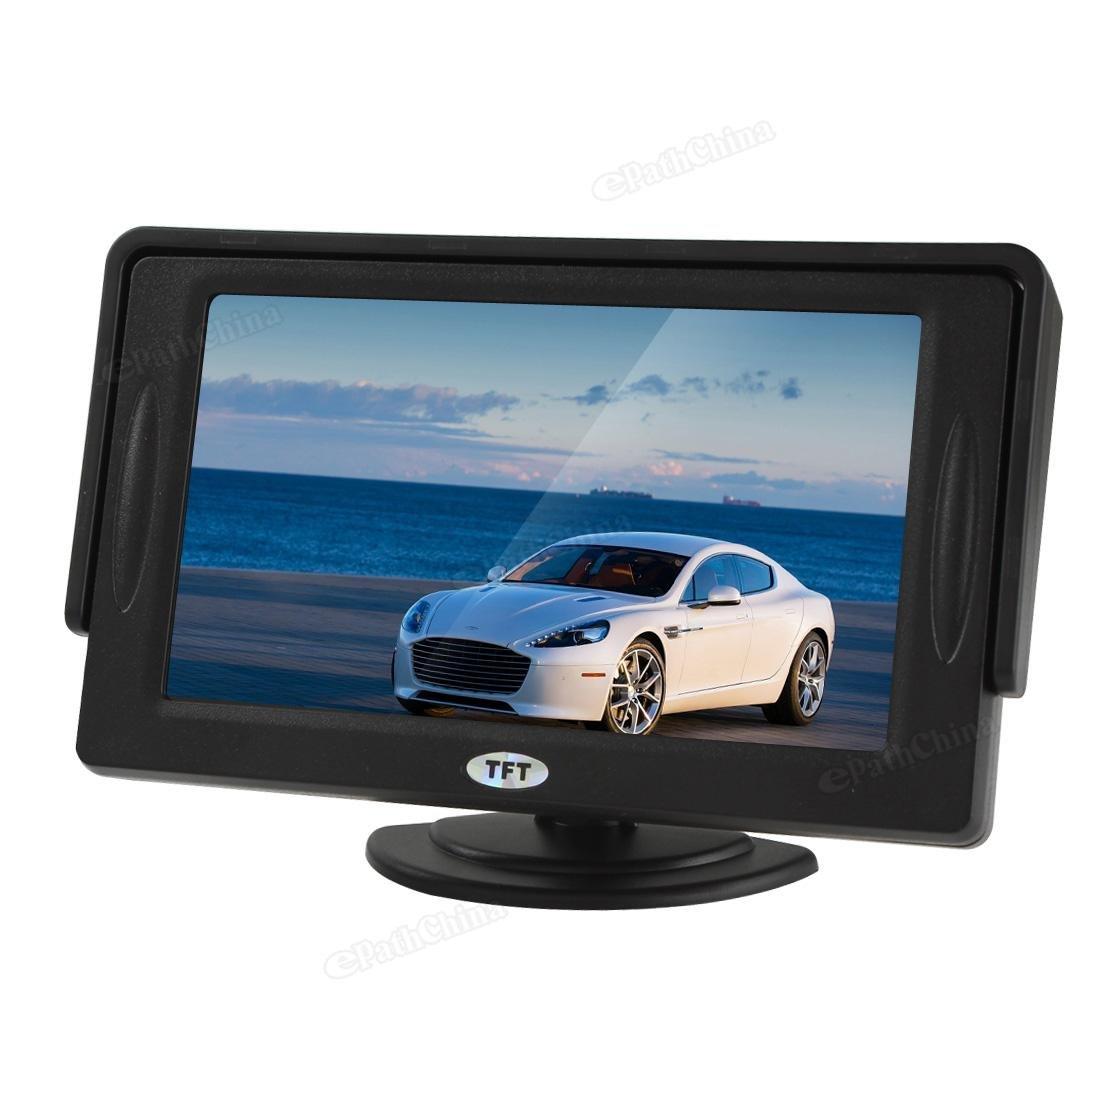 monitor auto bw 3,5/4,3/5 inch tft-lcd: amazon.it: elettronica - Tft Arredo Bagno Prezzi